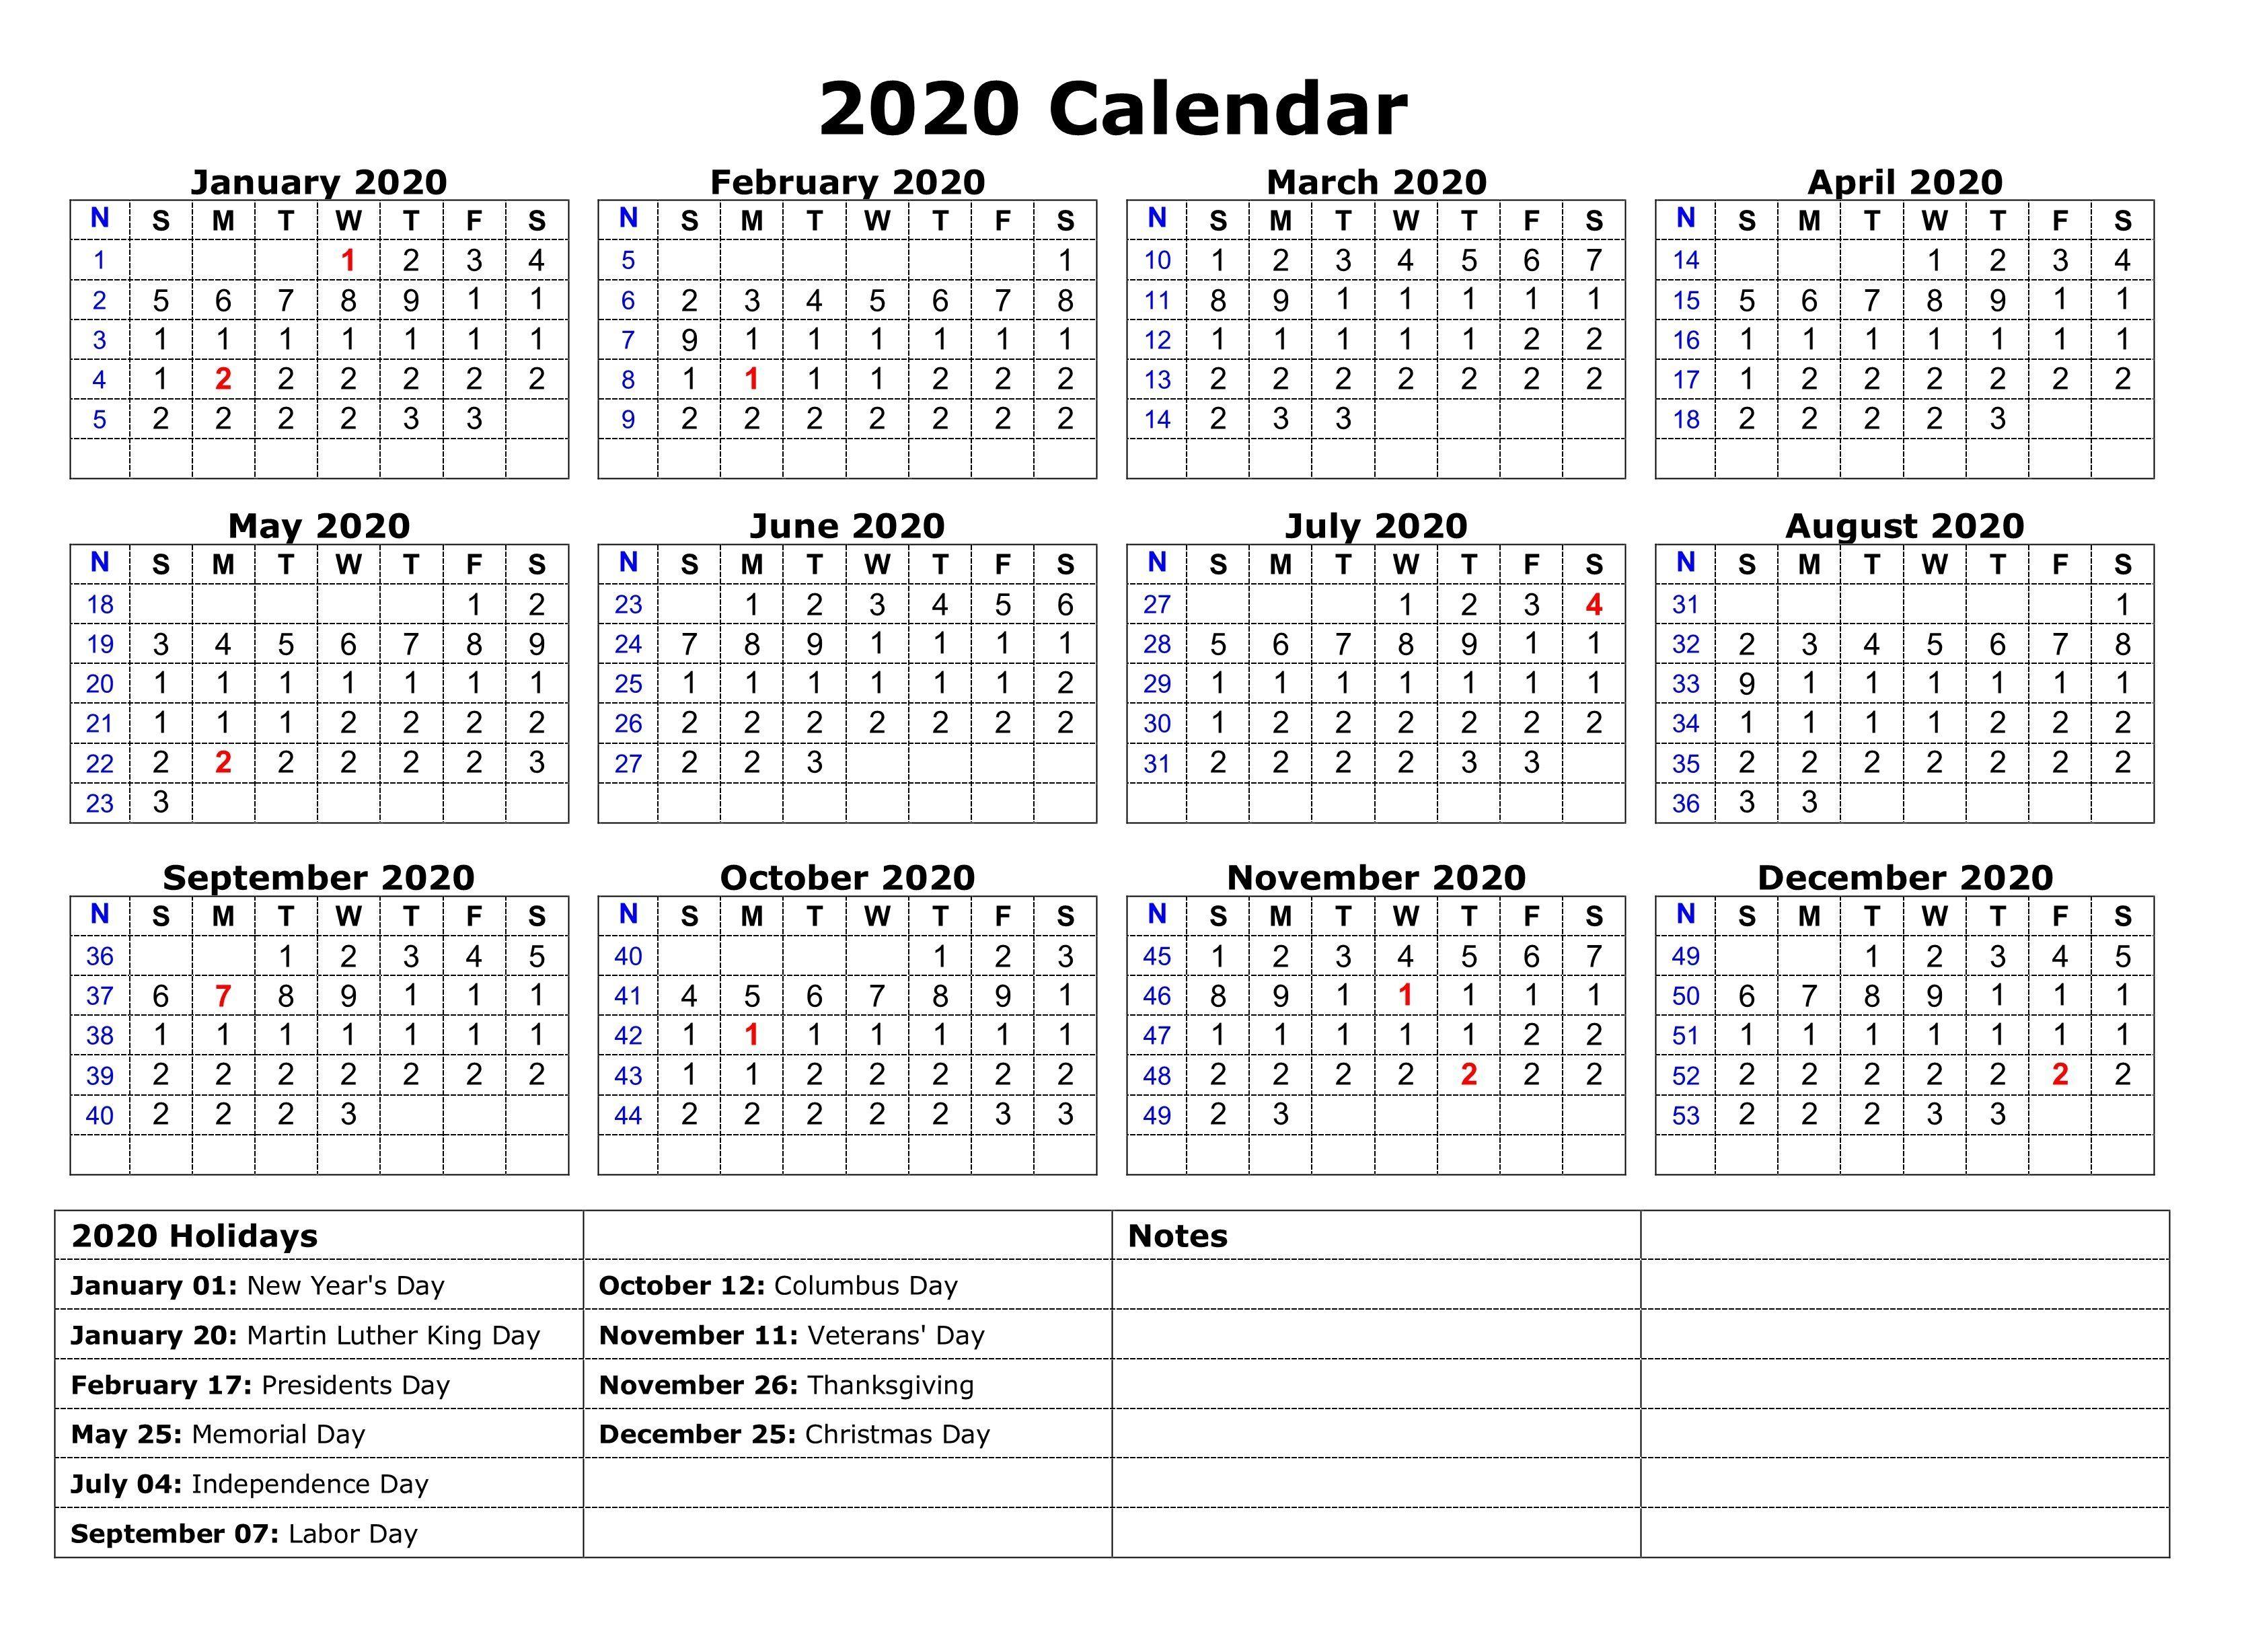 Free 2020 Printable Christmas Calendar Printable 2020 One Page Holidays Calendar | Holiday calendar